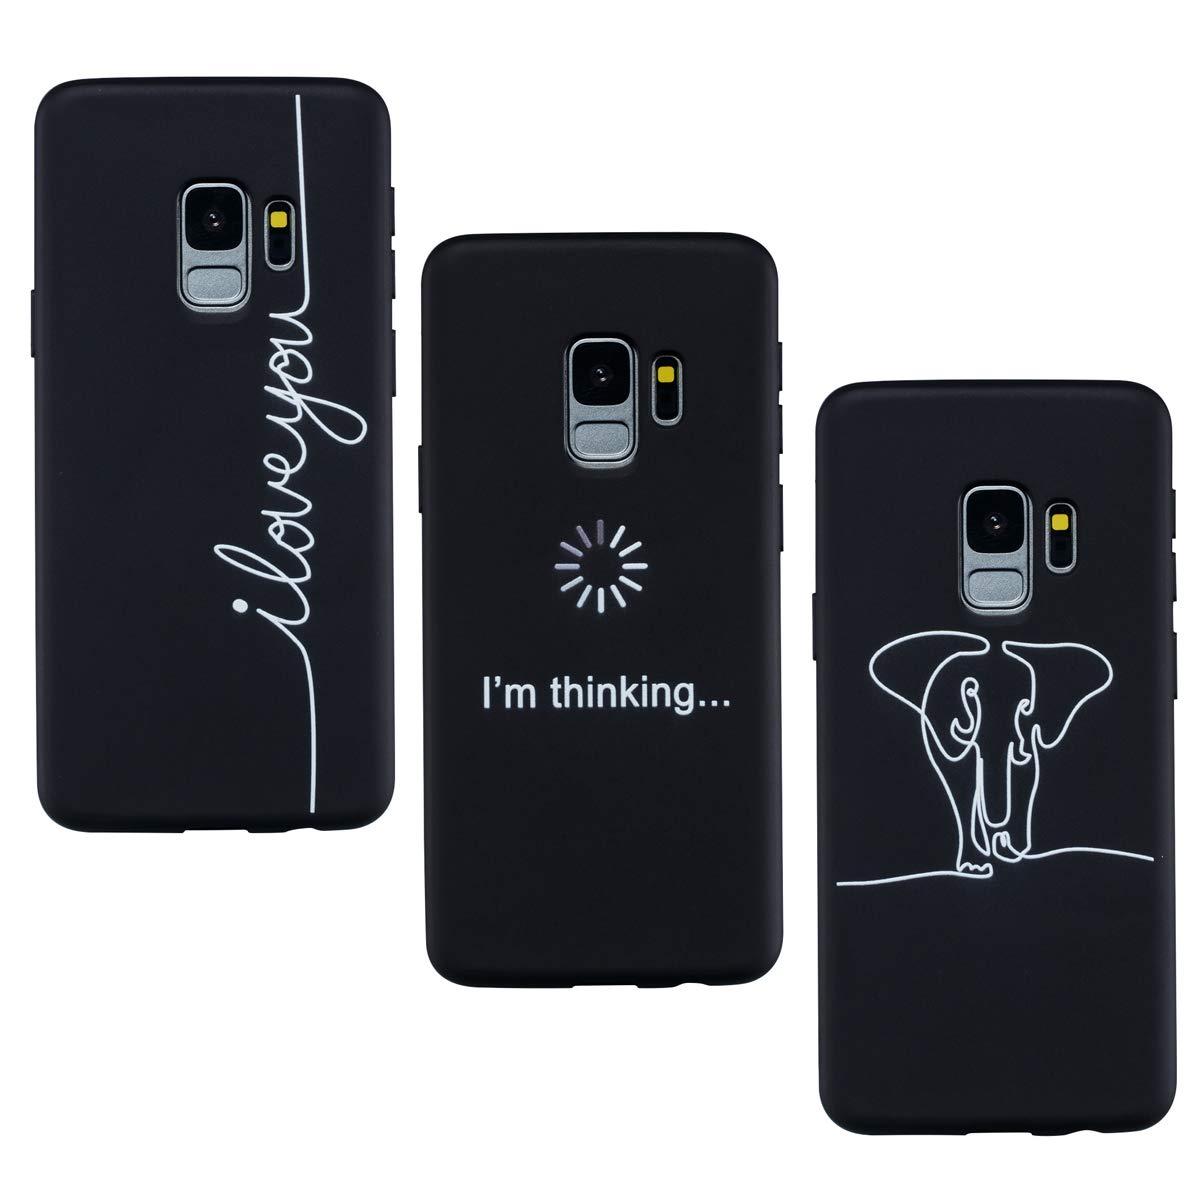 /él/éphant Pens/ée Amour ChoosEU 3X Coque Samsung Galaxy A8 2018 Silicone Bumper Souple Motif Swag Etui Soft /Étui Antichoc Fleur Design Mignon Ultra Fine Mince Slim Housse Case Protection